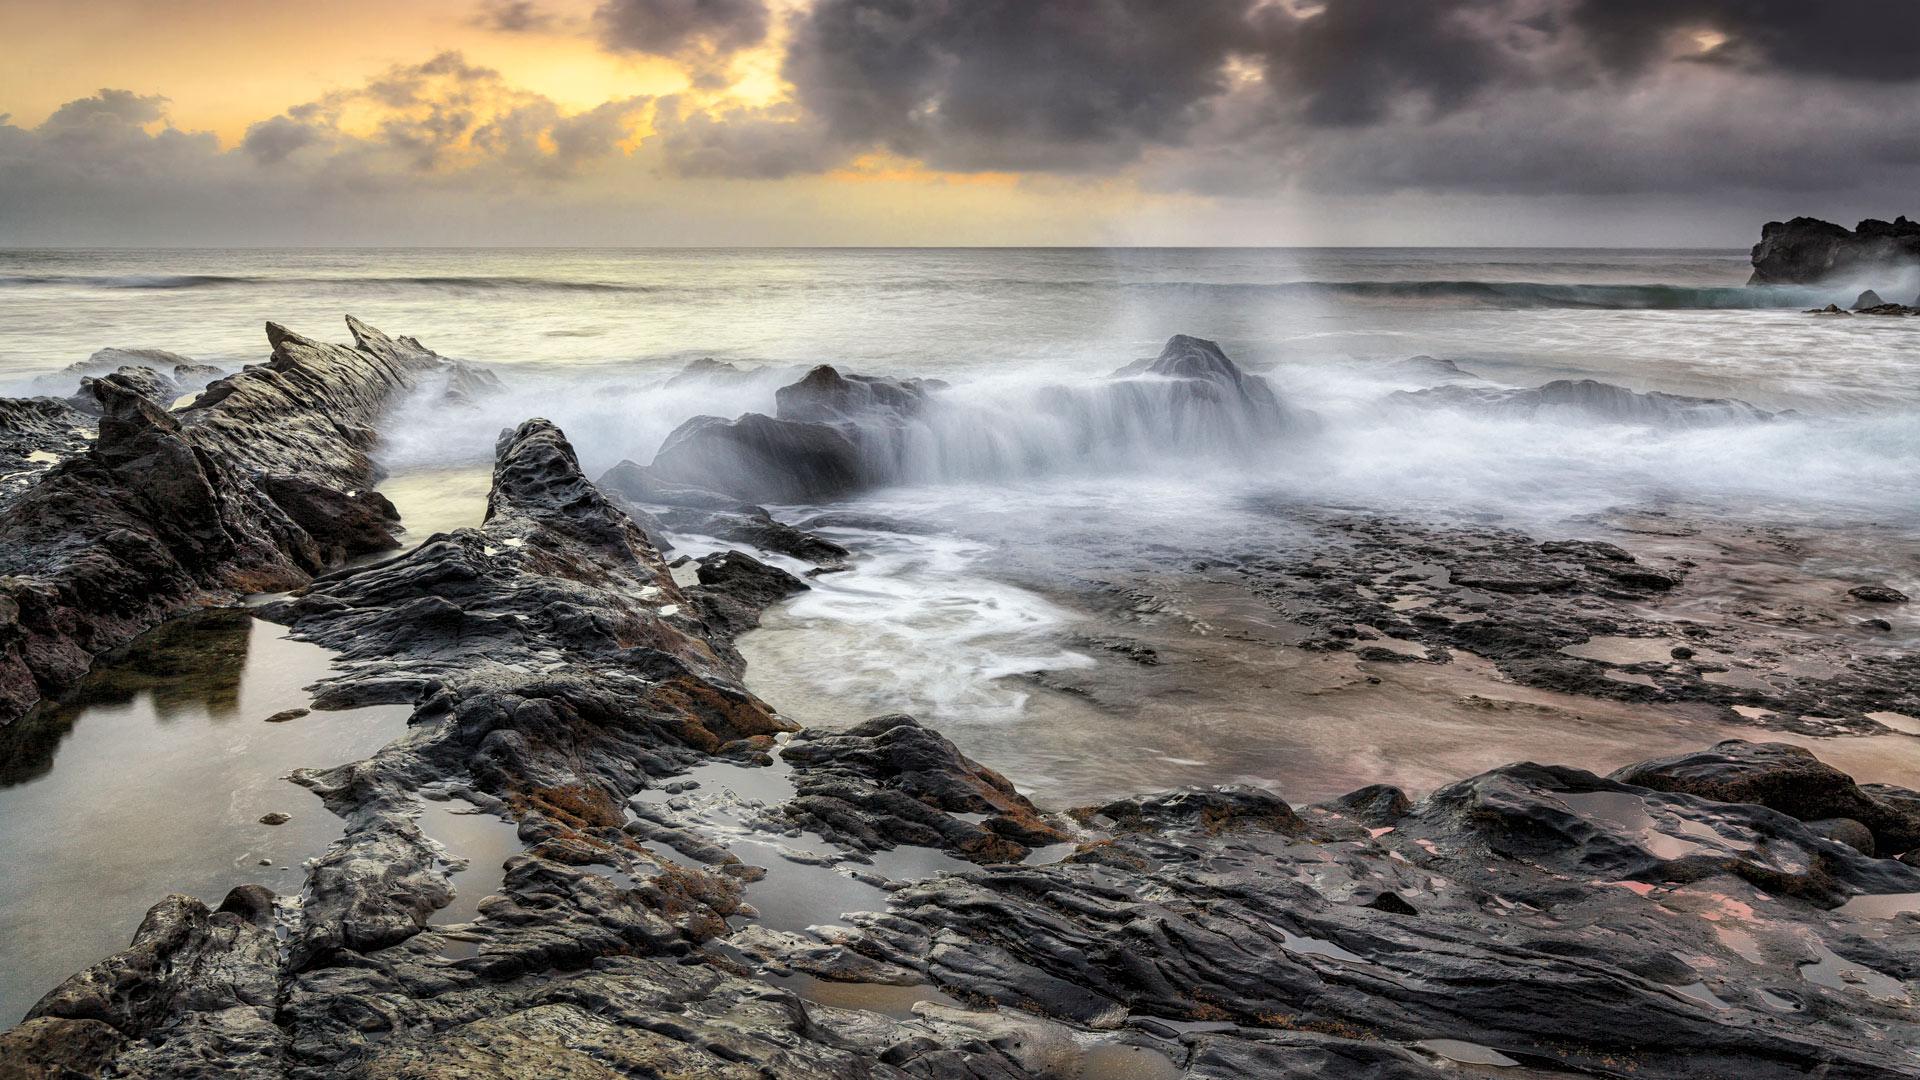 El Golfo. Lanzarote, Spain